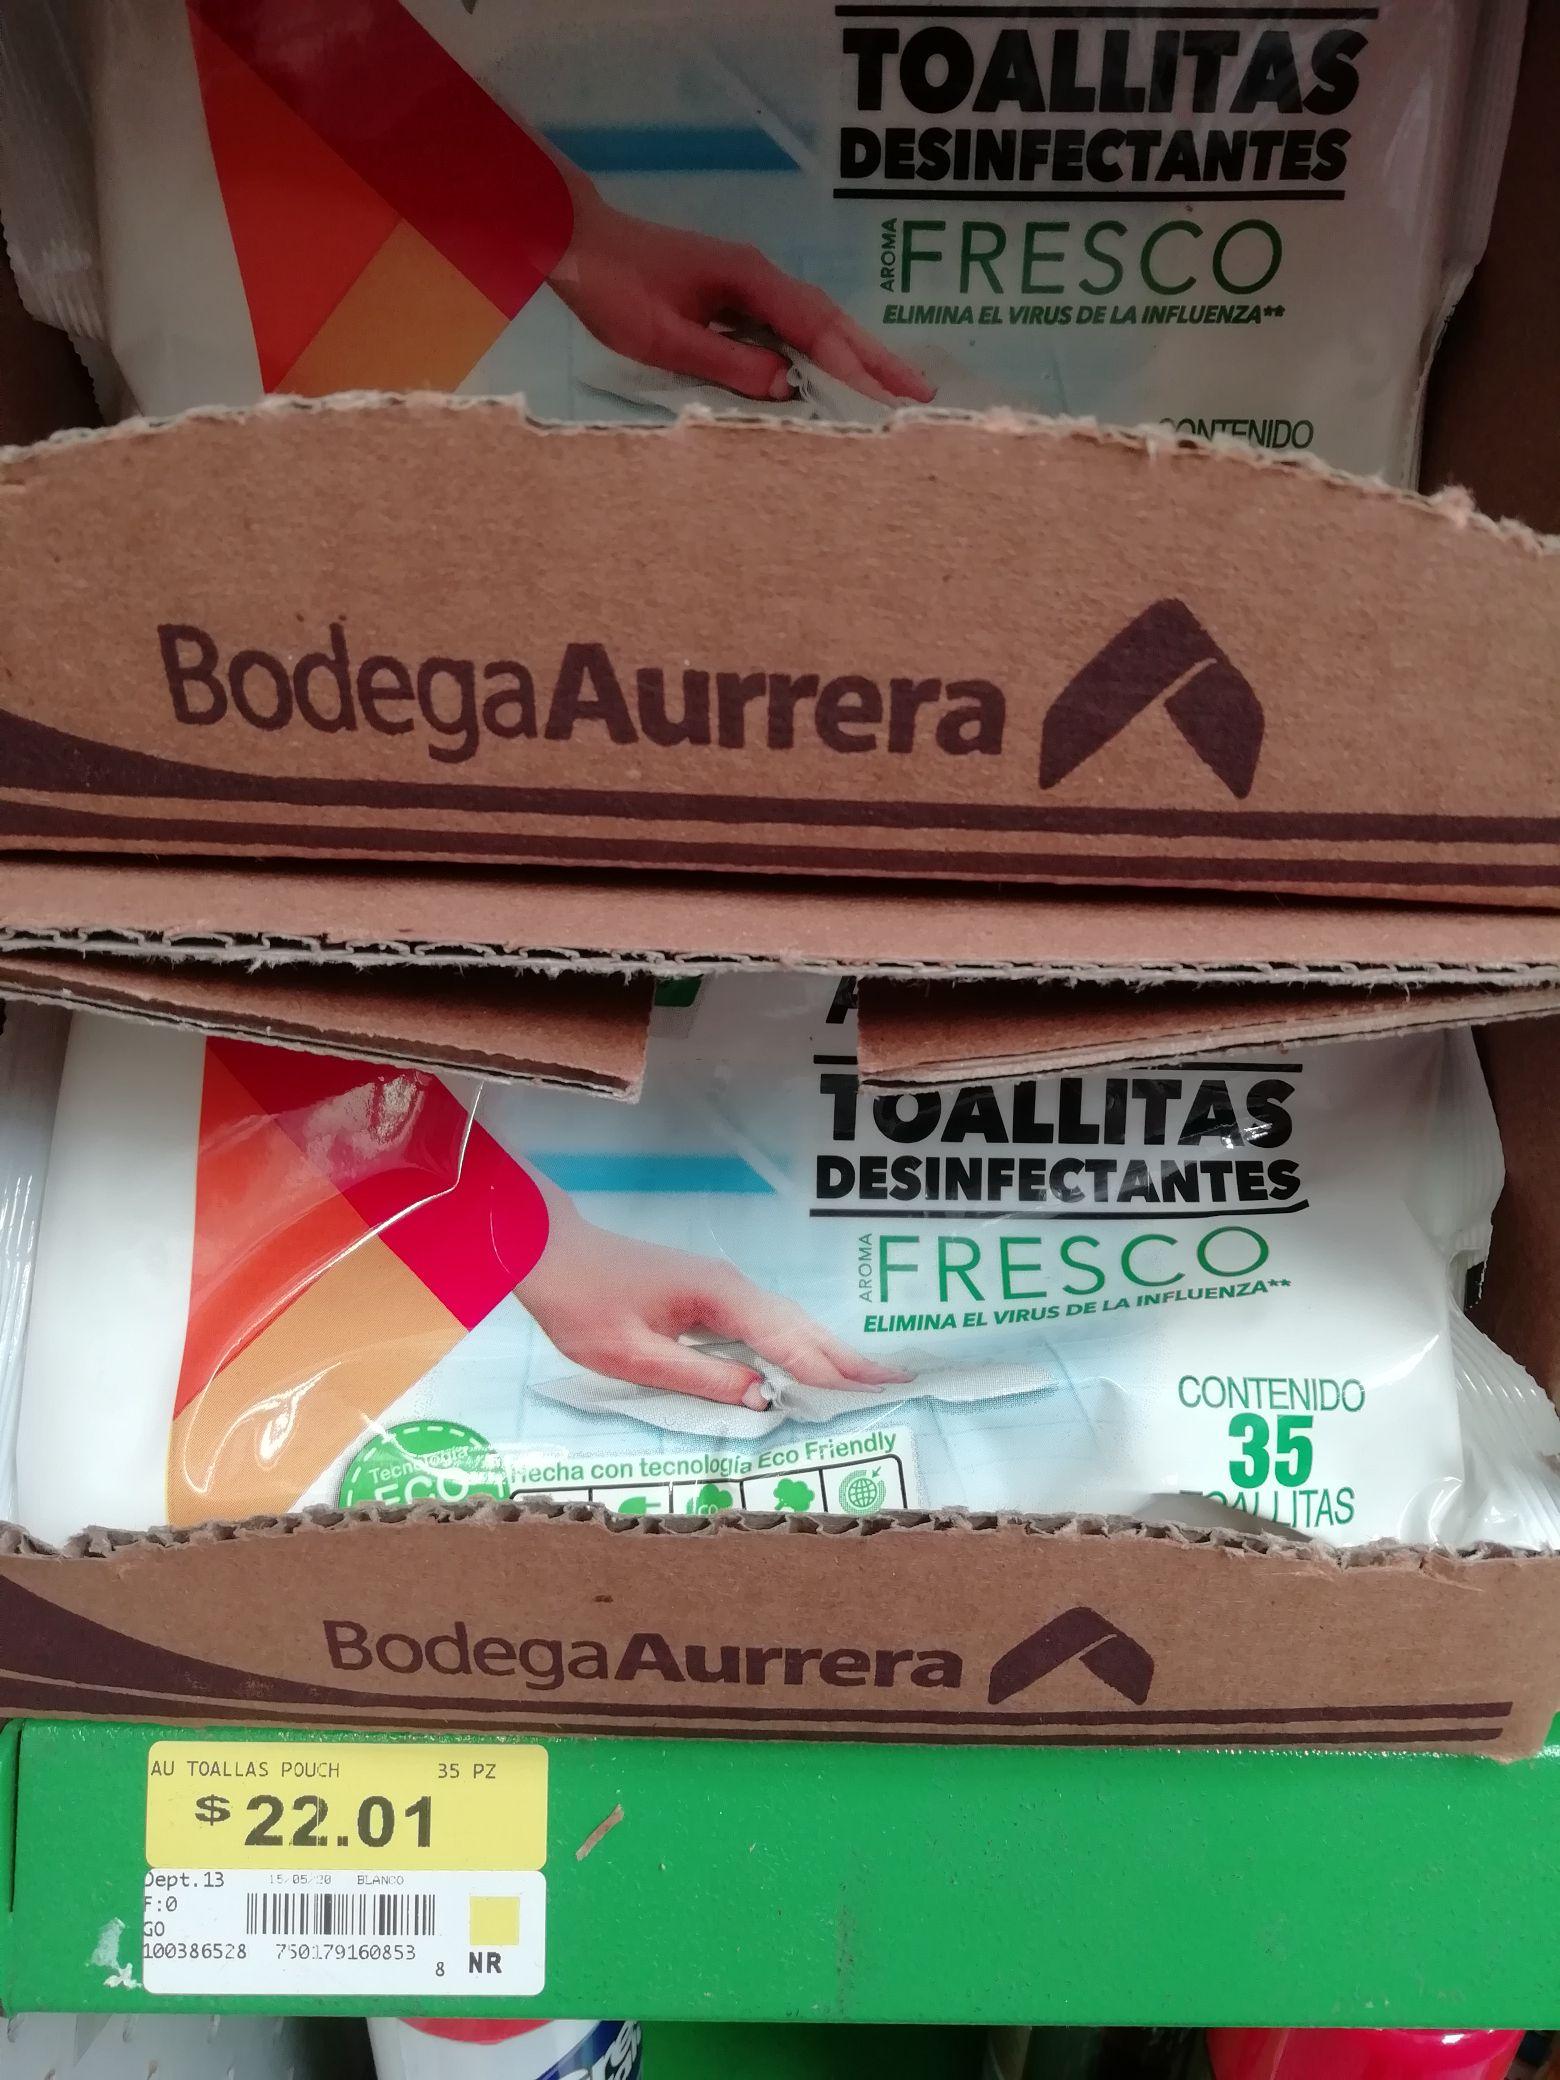 Bodega Aurrerá Toallitas desinfectantes aroma fresco 35 toallitas.